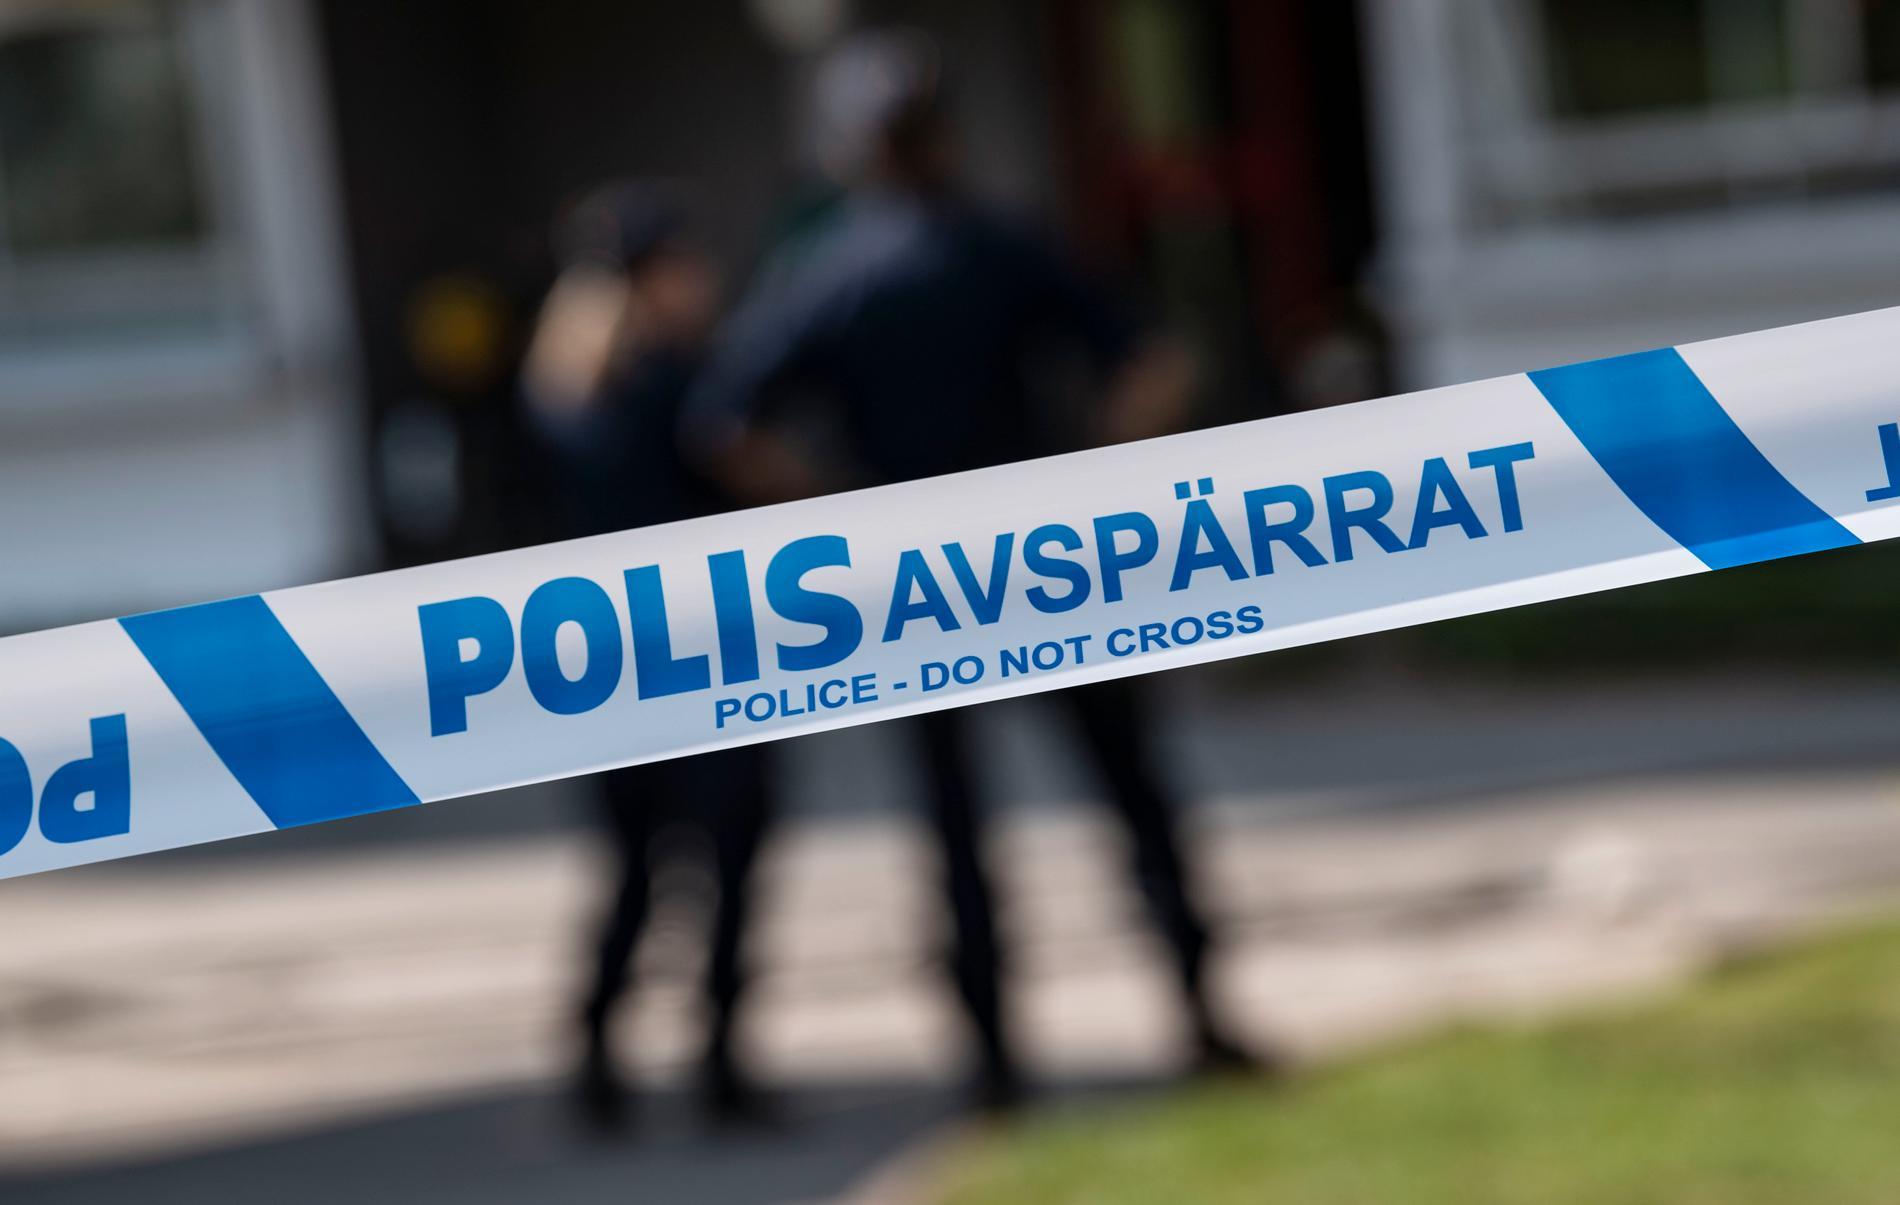 En kvinna hittades död i en bostad norr om Gävle. En 18-åring har erkänt att han har dödat henne. Arkivbild.